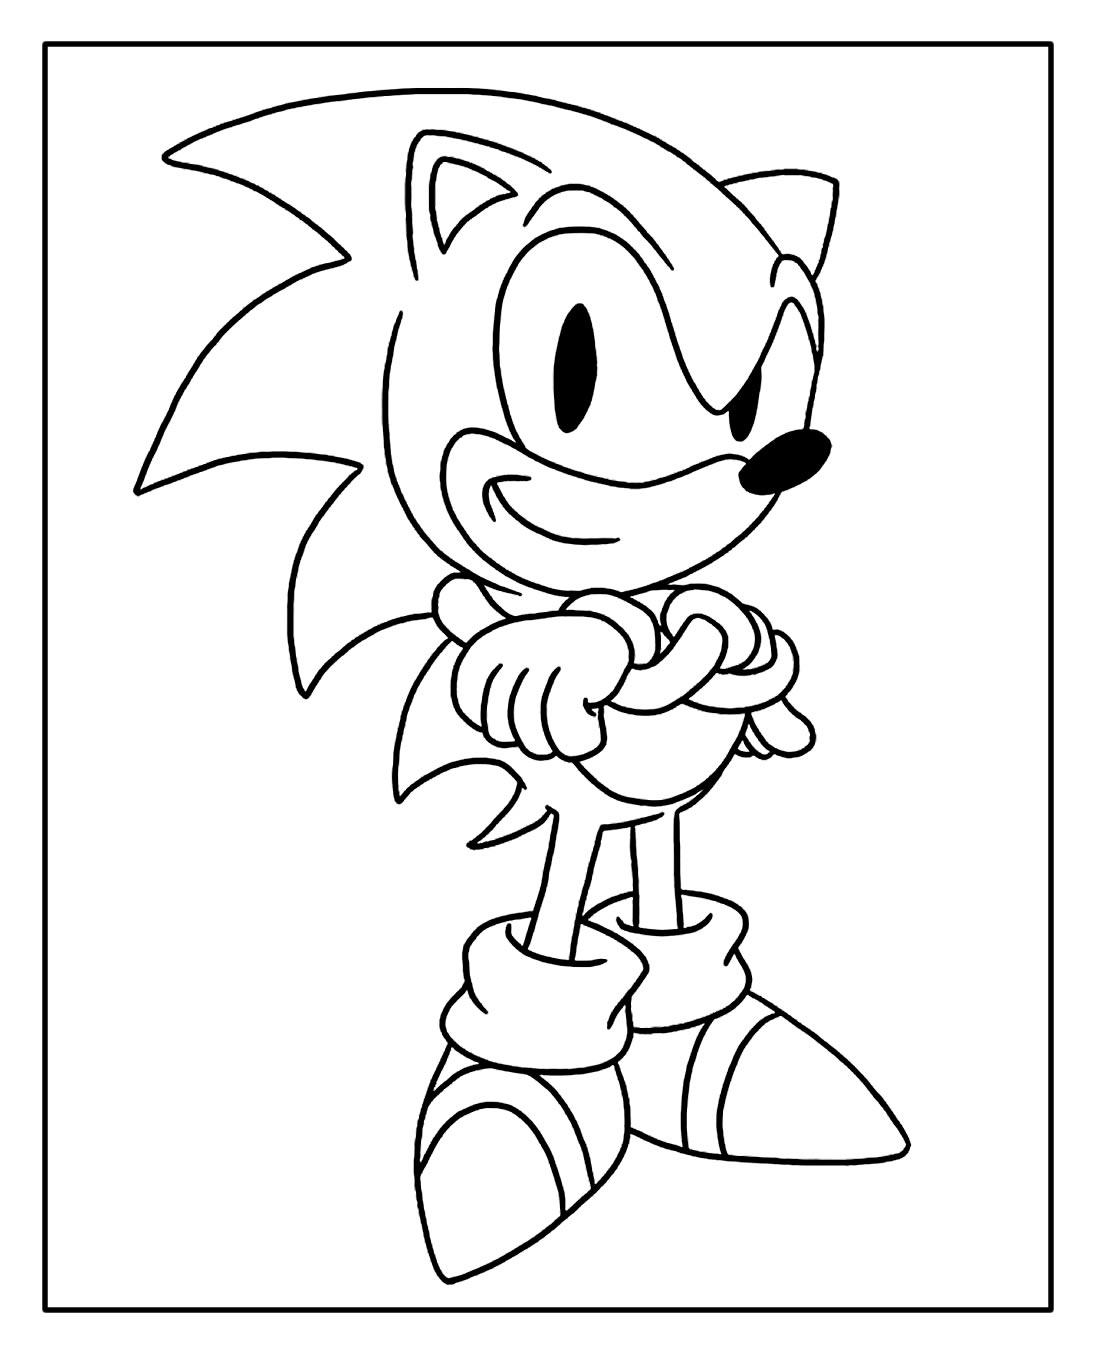 Página para colorir do Sonic